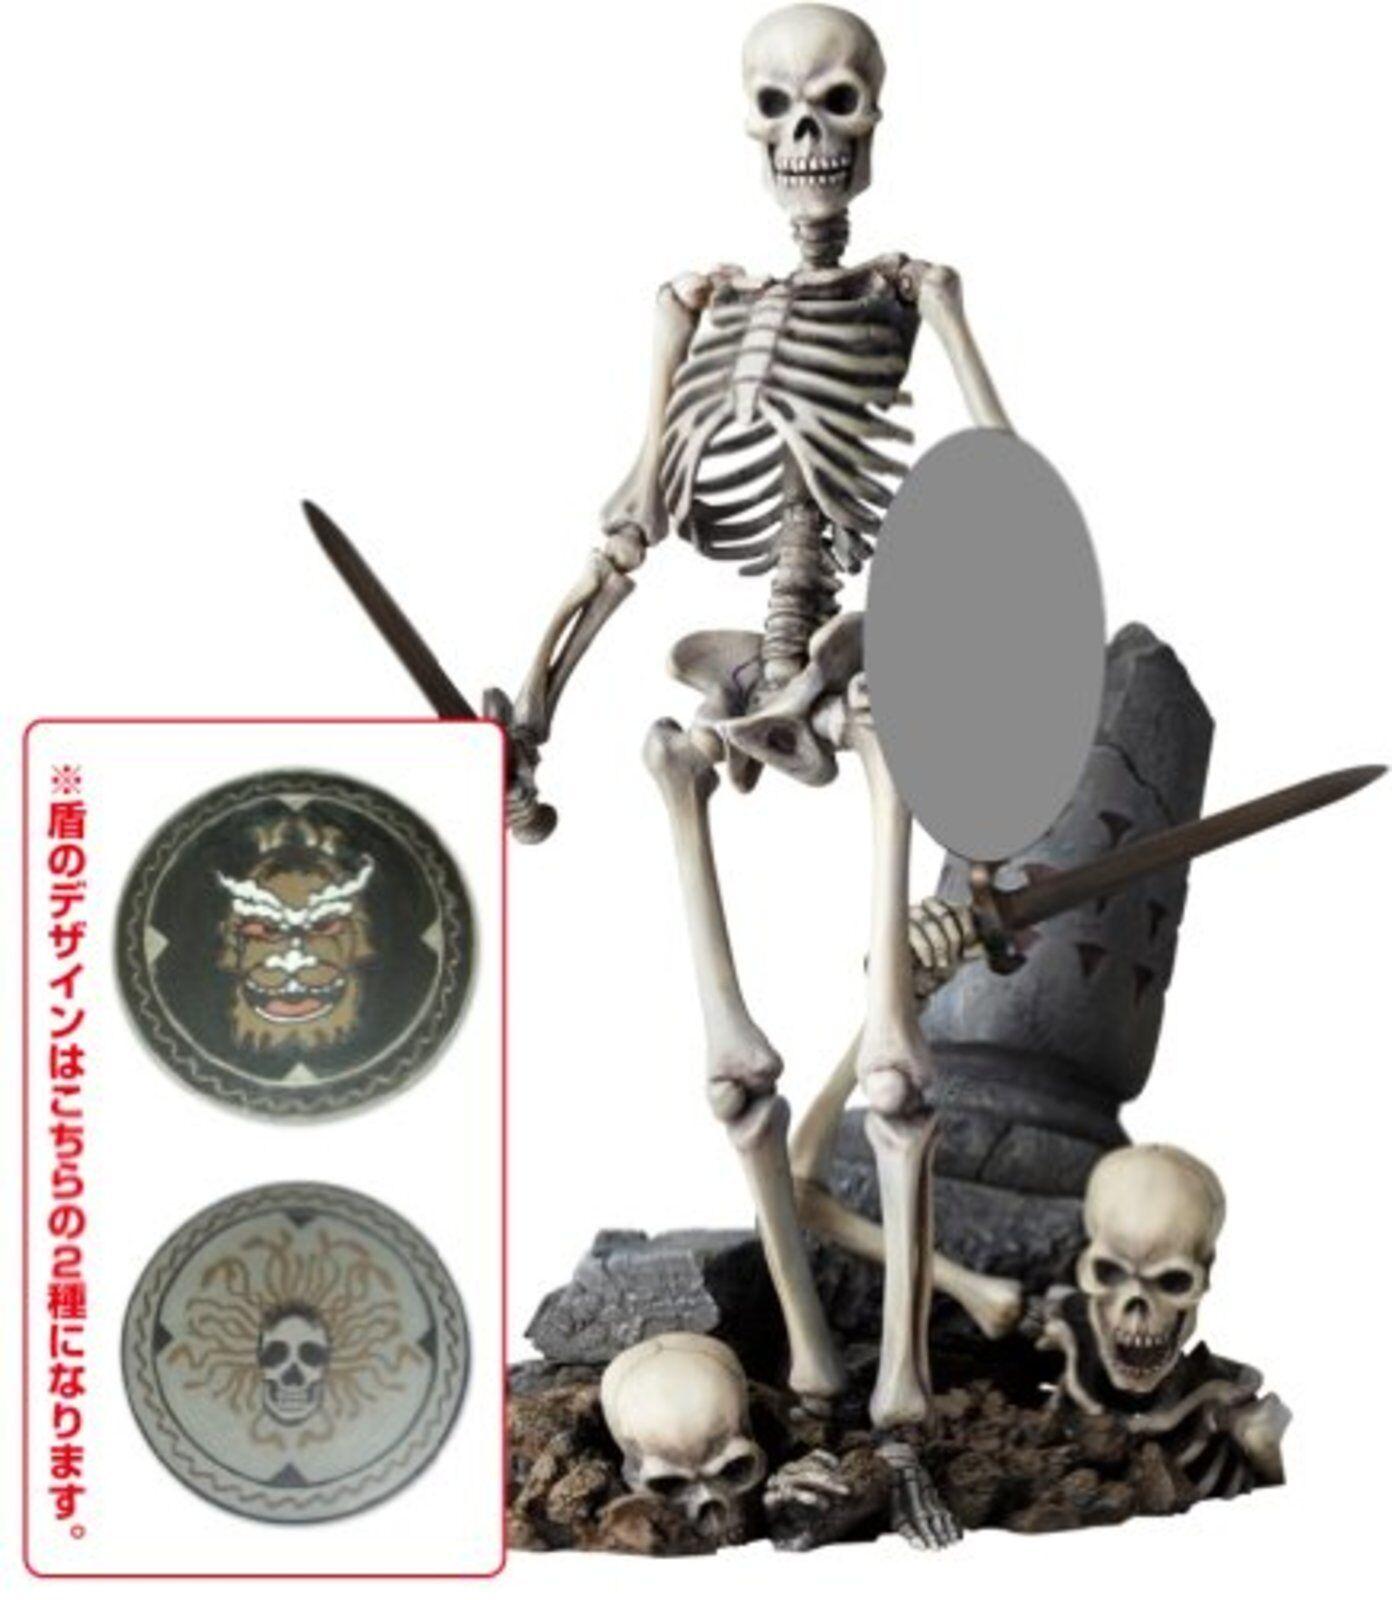 Kaiyodo science - fiction - revoltech 020 jason und die argonauten skelett krieger 2. ver.